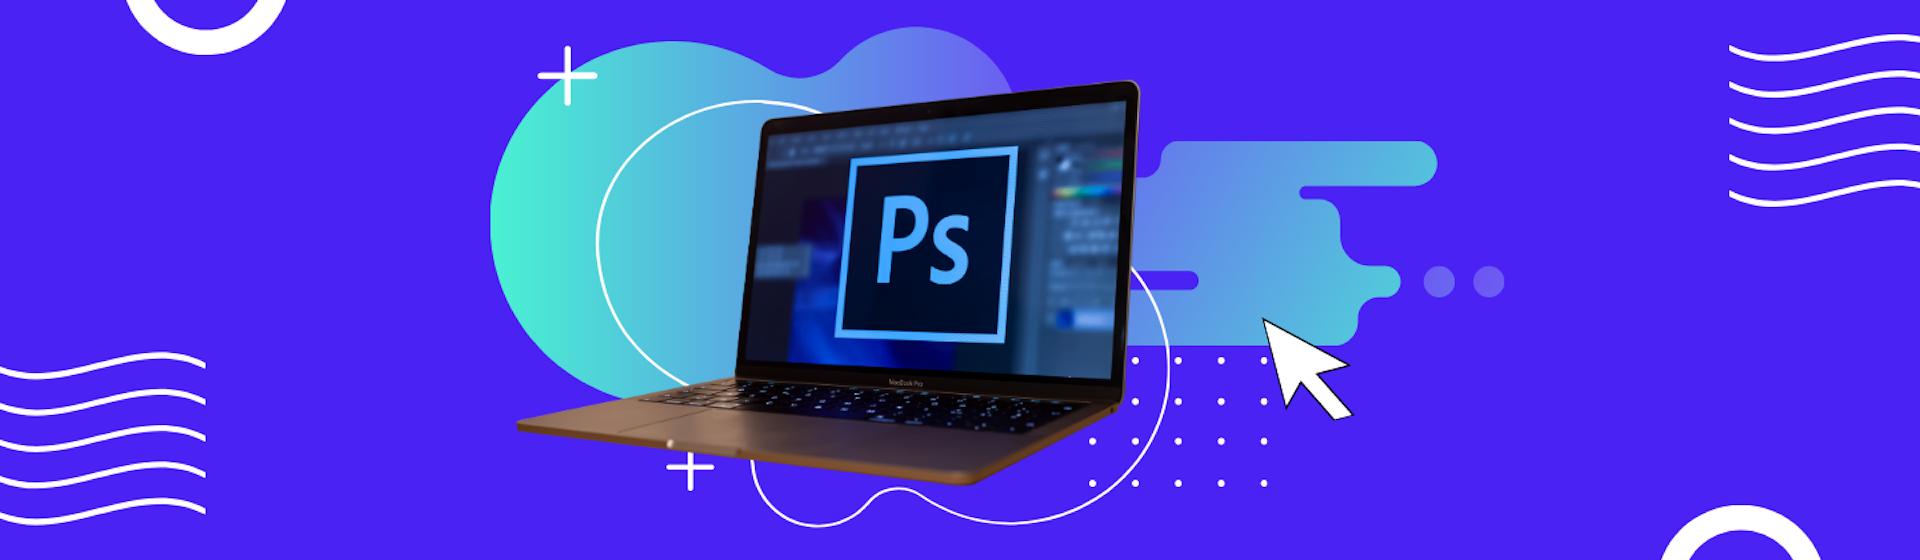 ¿Cómo hacer un fotomontaje en Photoshop? 5 pasos para transformar tus fotografías